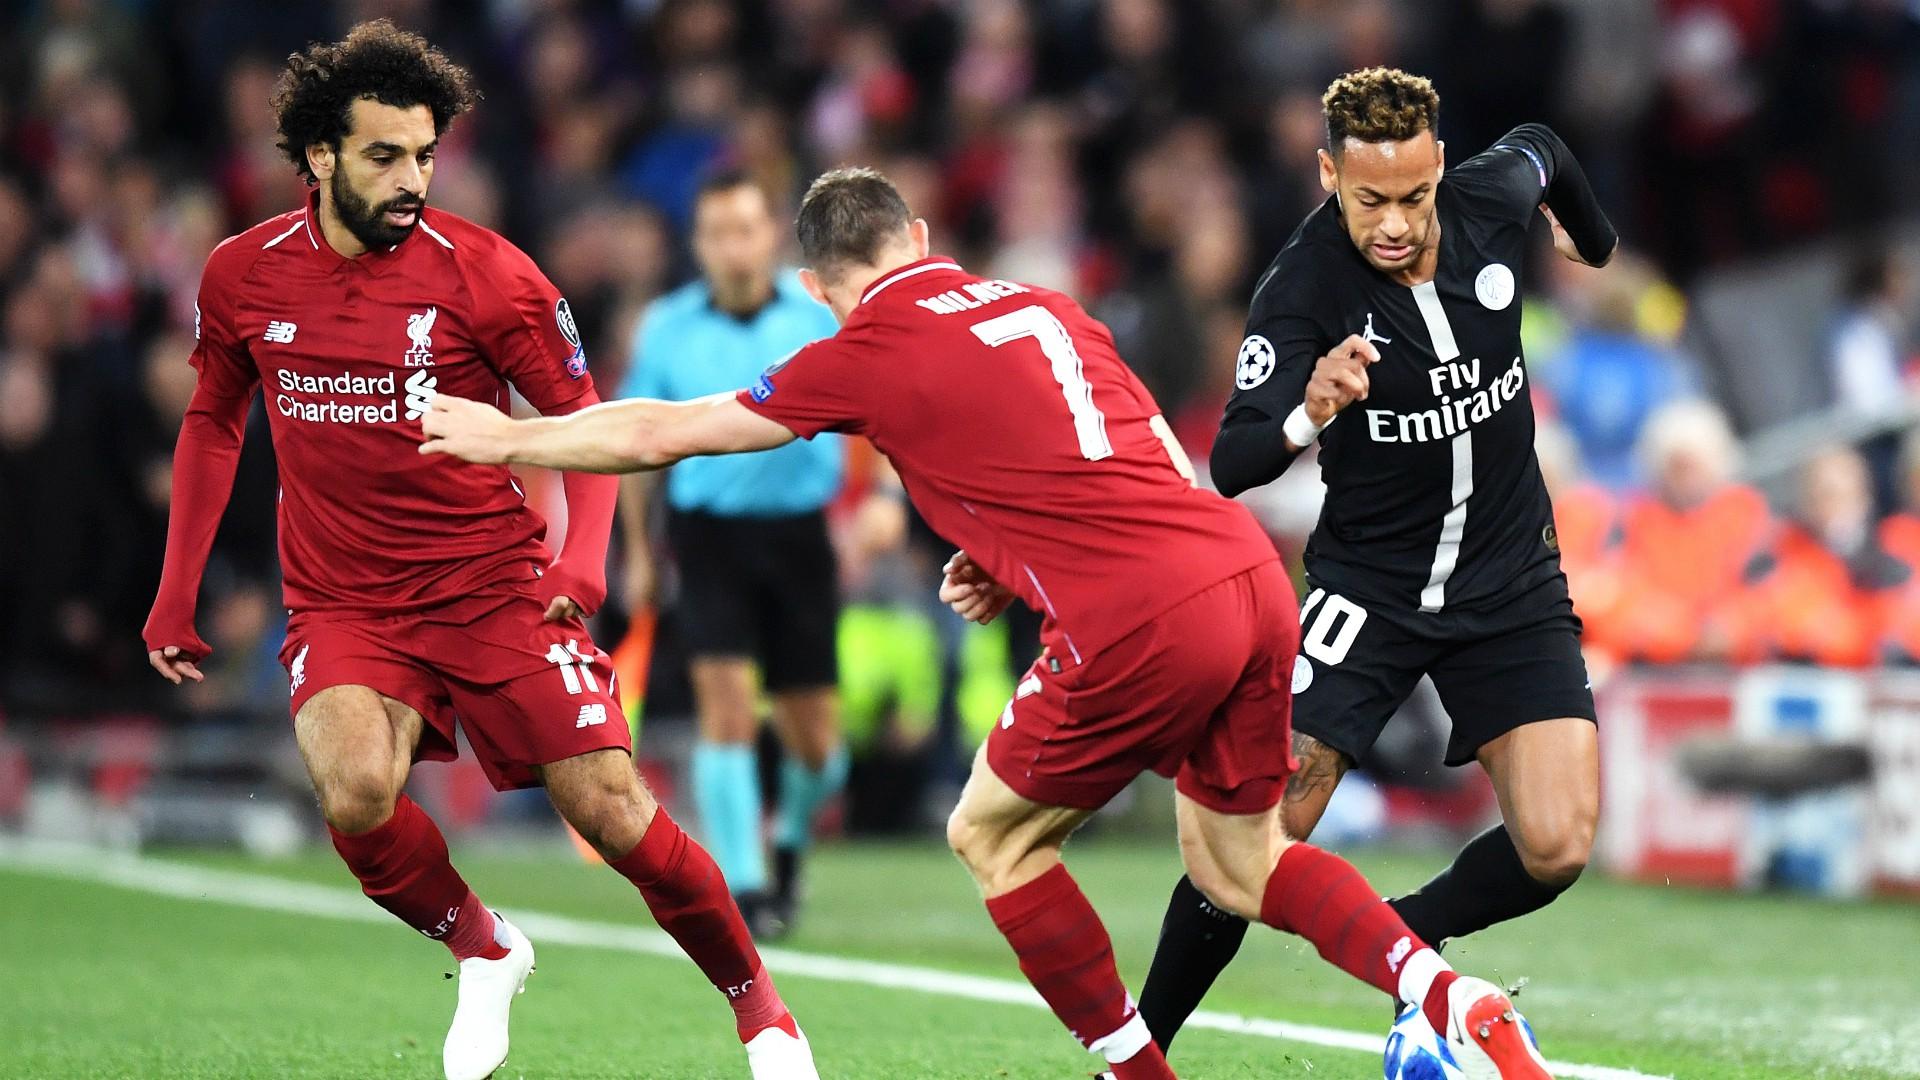 Đội hình Liverpool có thể thay đổi ra sao trong cuộc đại chiến PSG đêm nay? - Ảnh 6.